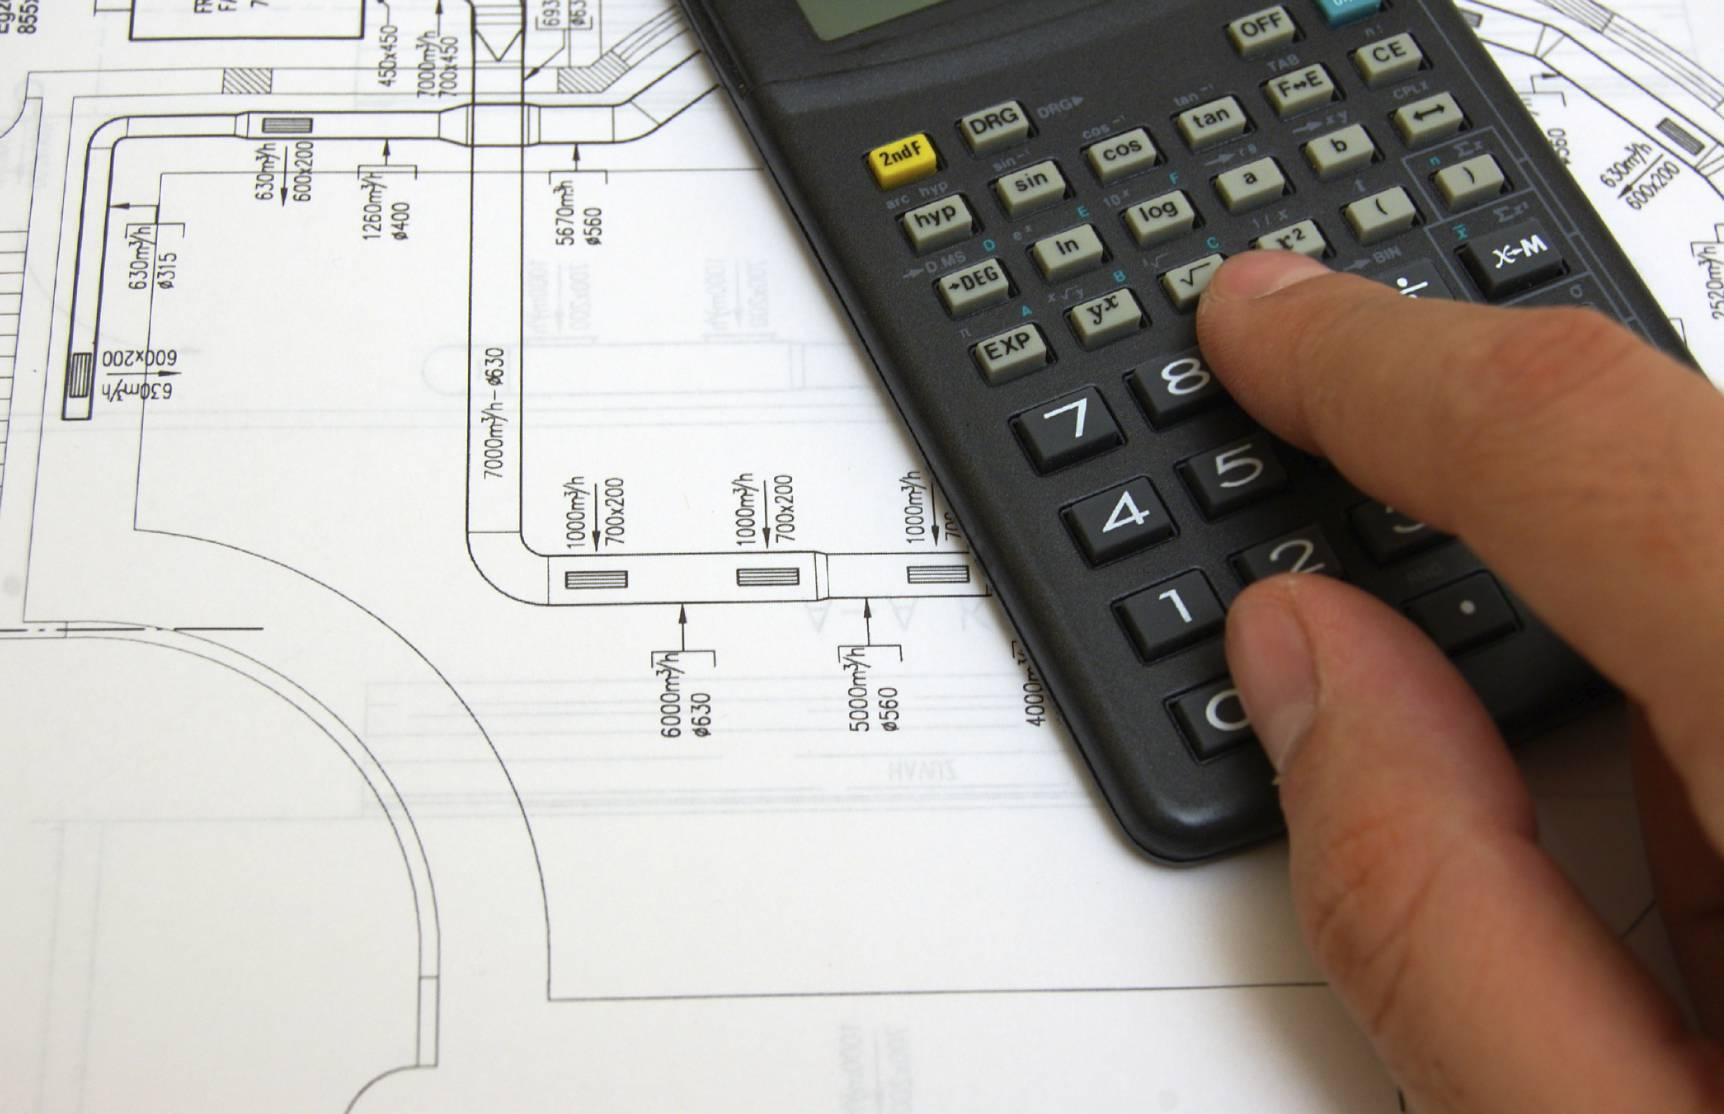 Comment calculer les frais li s la vente d 39 un bien immobilier prati - Calcul frais notaire achat immobilier ...